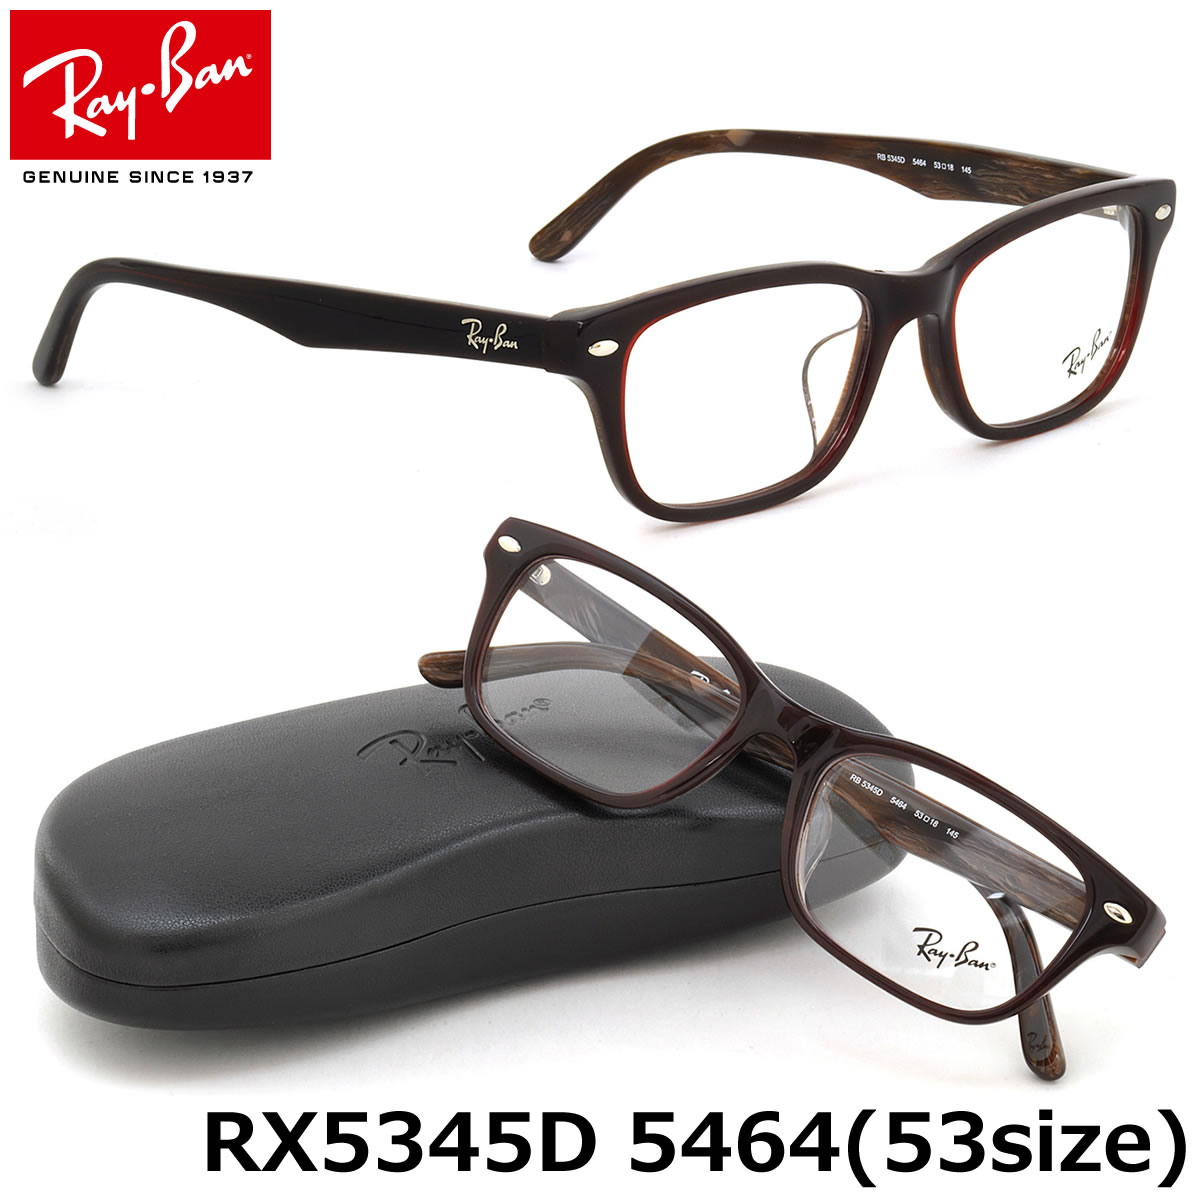 レイバン メガネ フレーム Ray-Ban RX5345D 5464 53サイズ スクエア フルリム レイバン Ray-Ban メンズ レディース